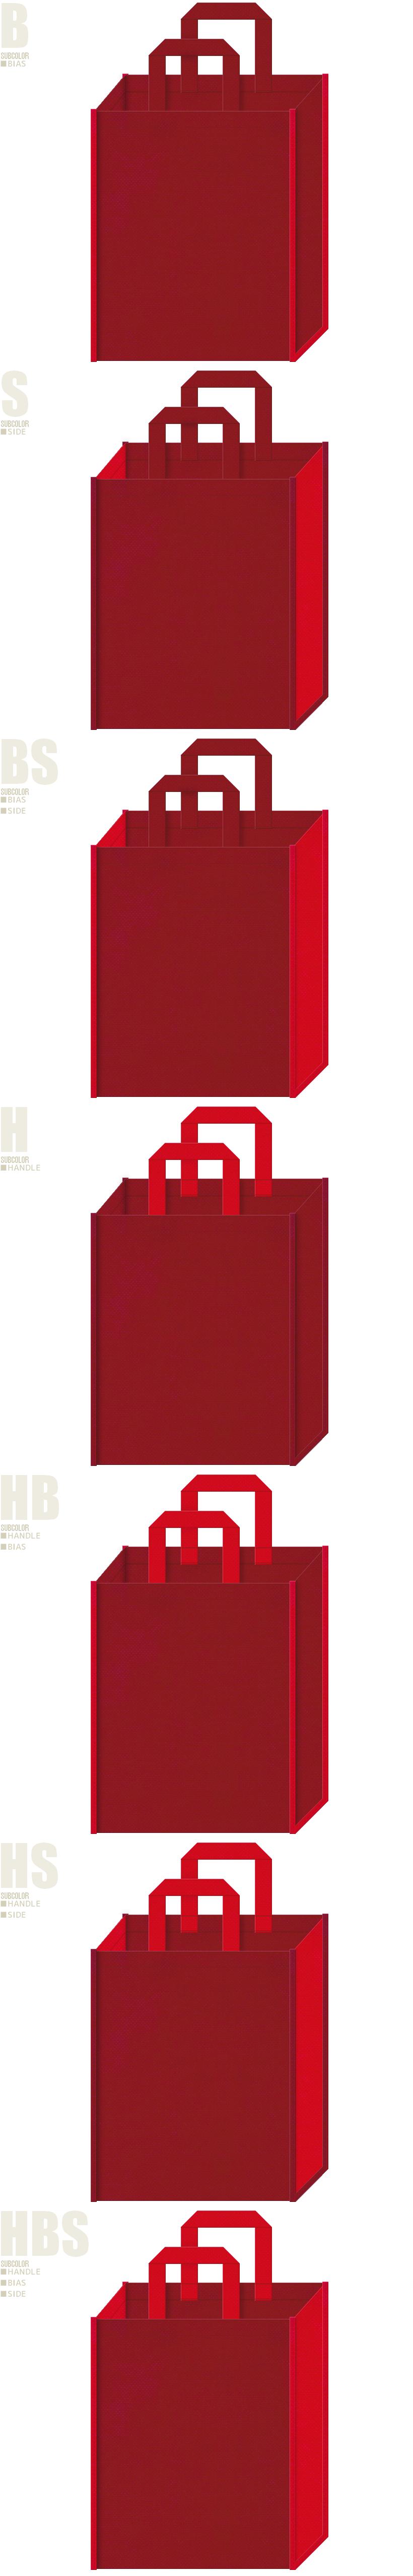 レスリング・ボクシング・格闘技・対戦型格闘ゲームの展示会用バッグ・クリスマスセール・お正月・福袋にお奨めの不織布バッグデザイン:エンジ色と紅色の不織布バッグデザイン